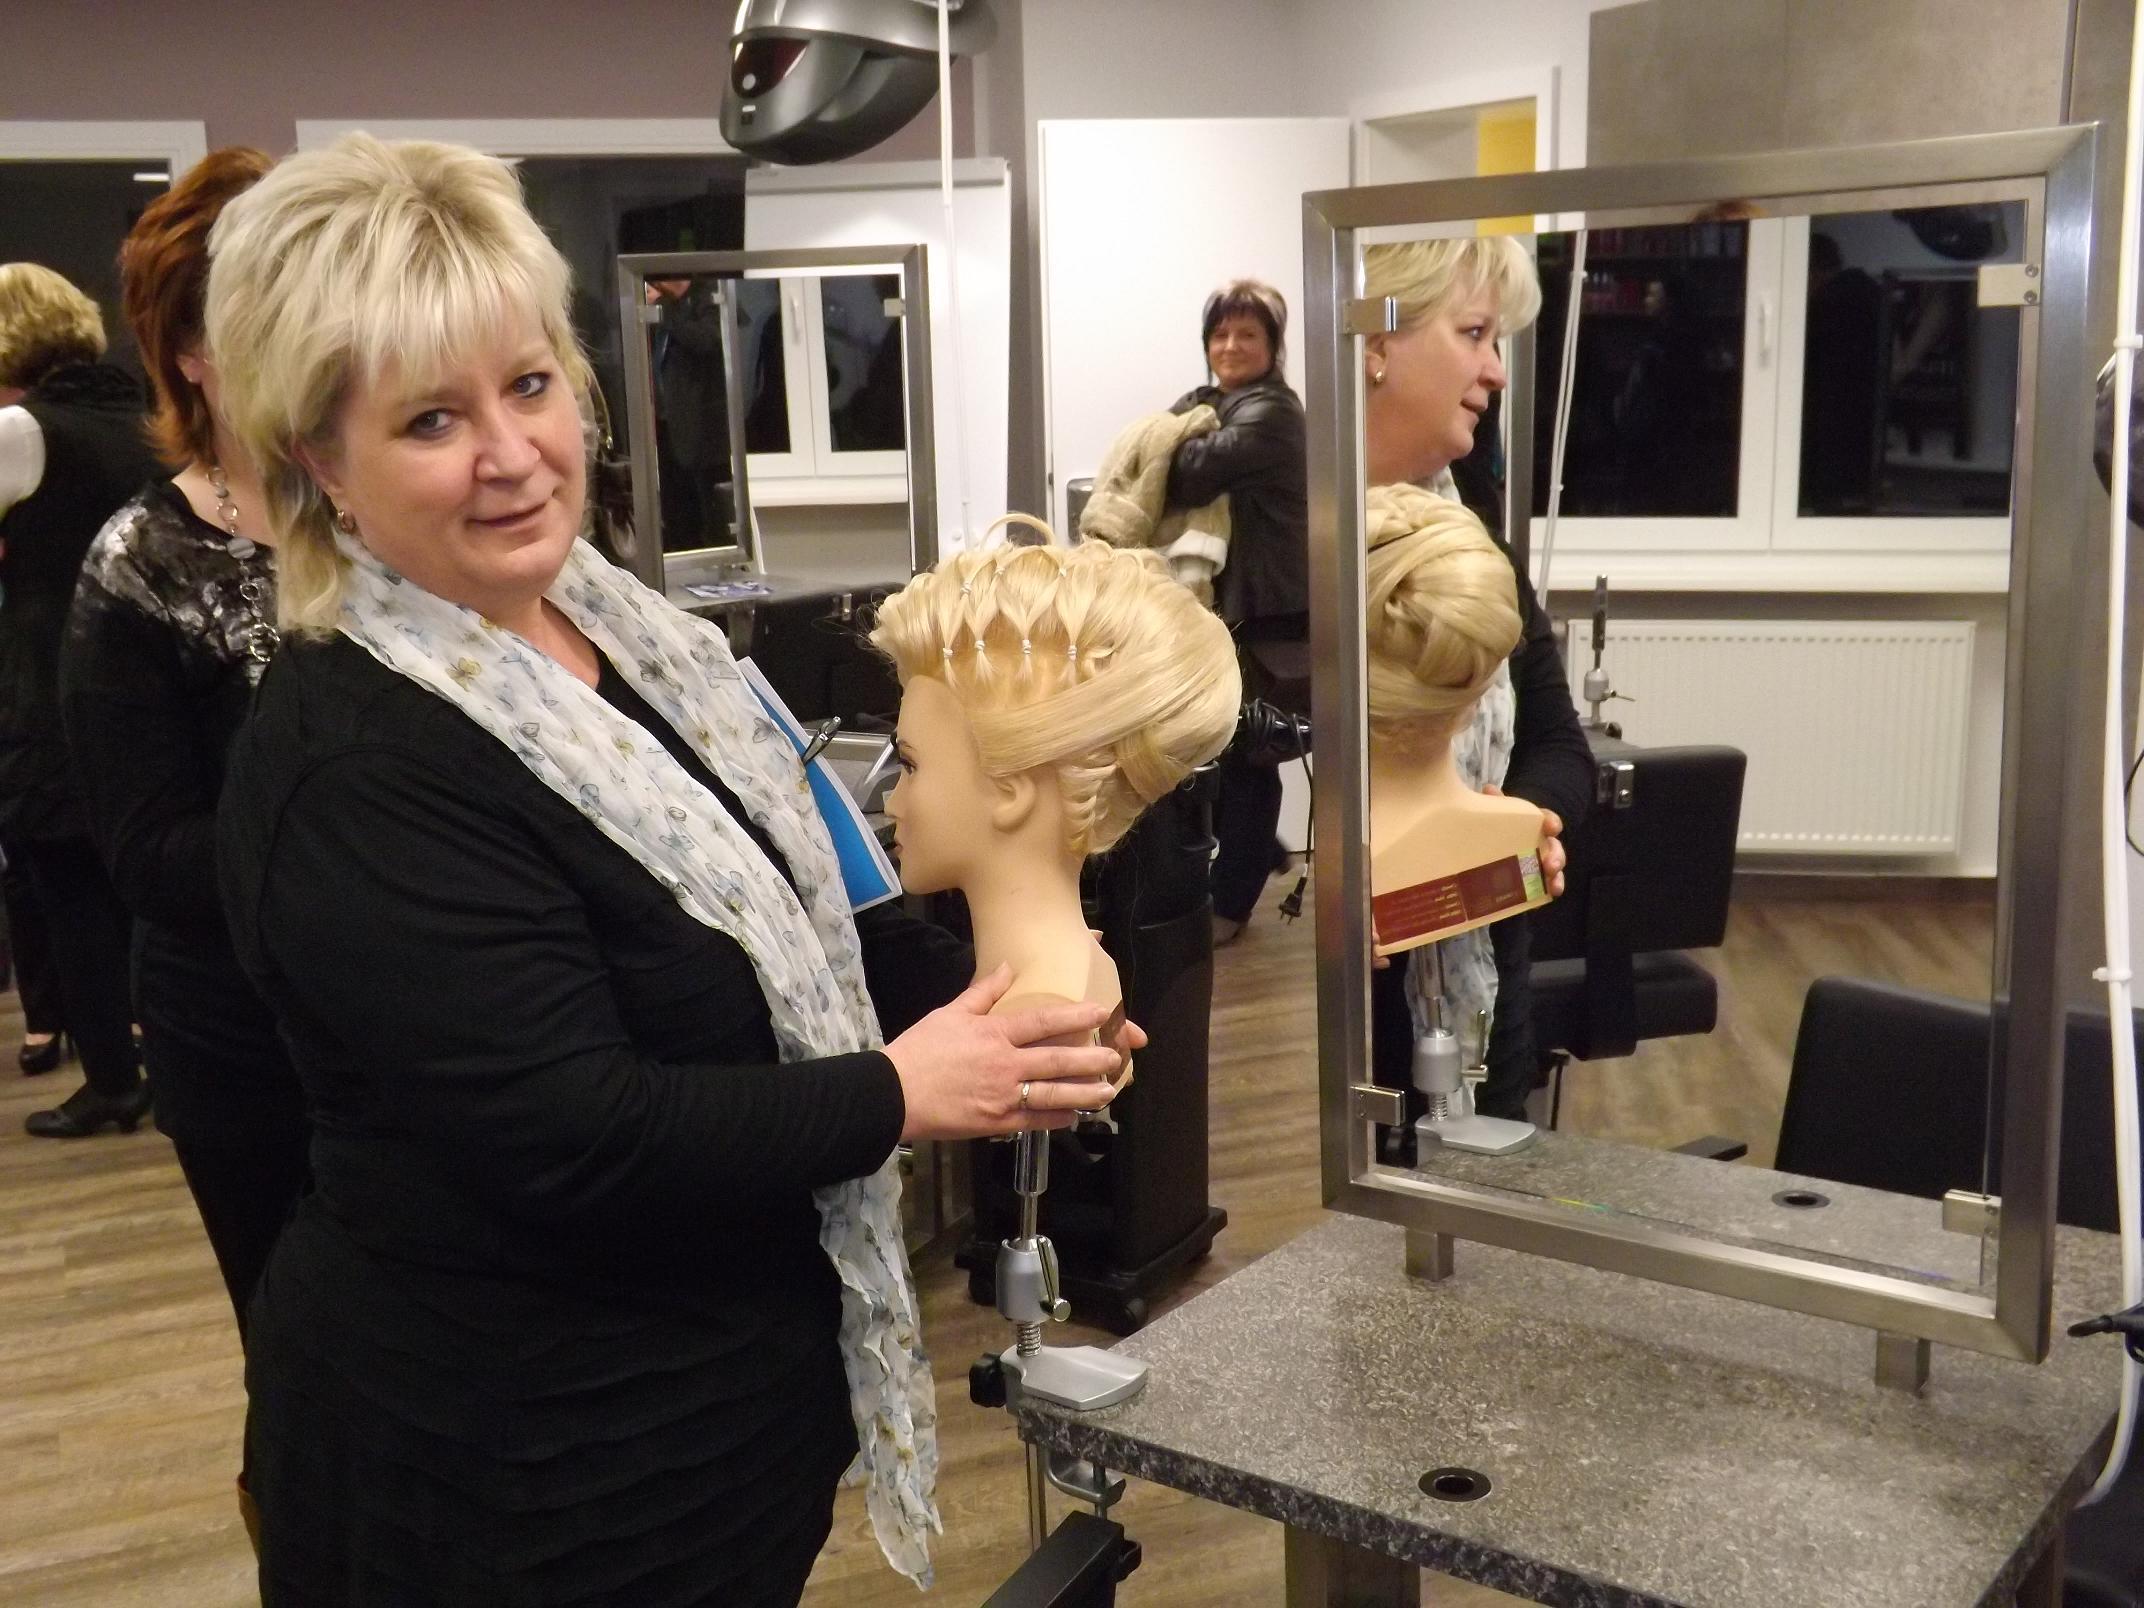 Neue Ausbildungswerkstatt der Handwerkskammer für Friseure eröffnet ...